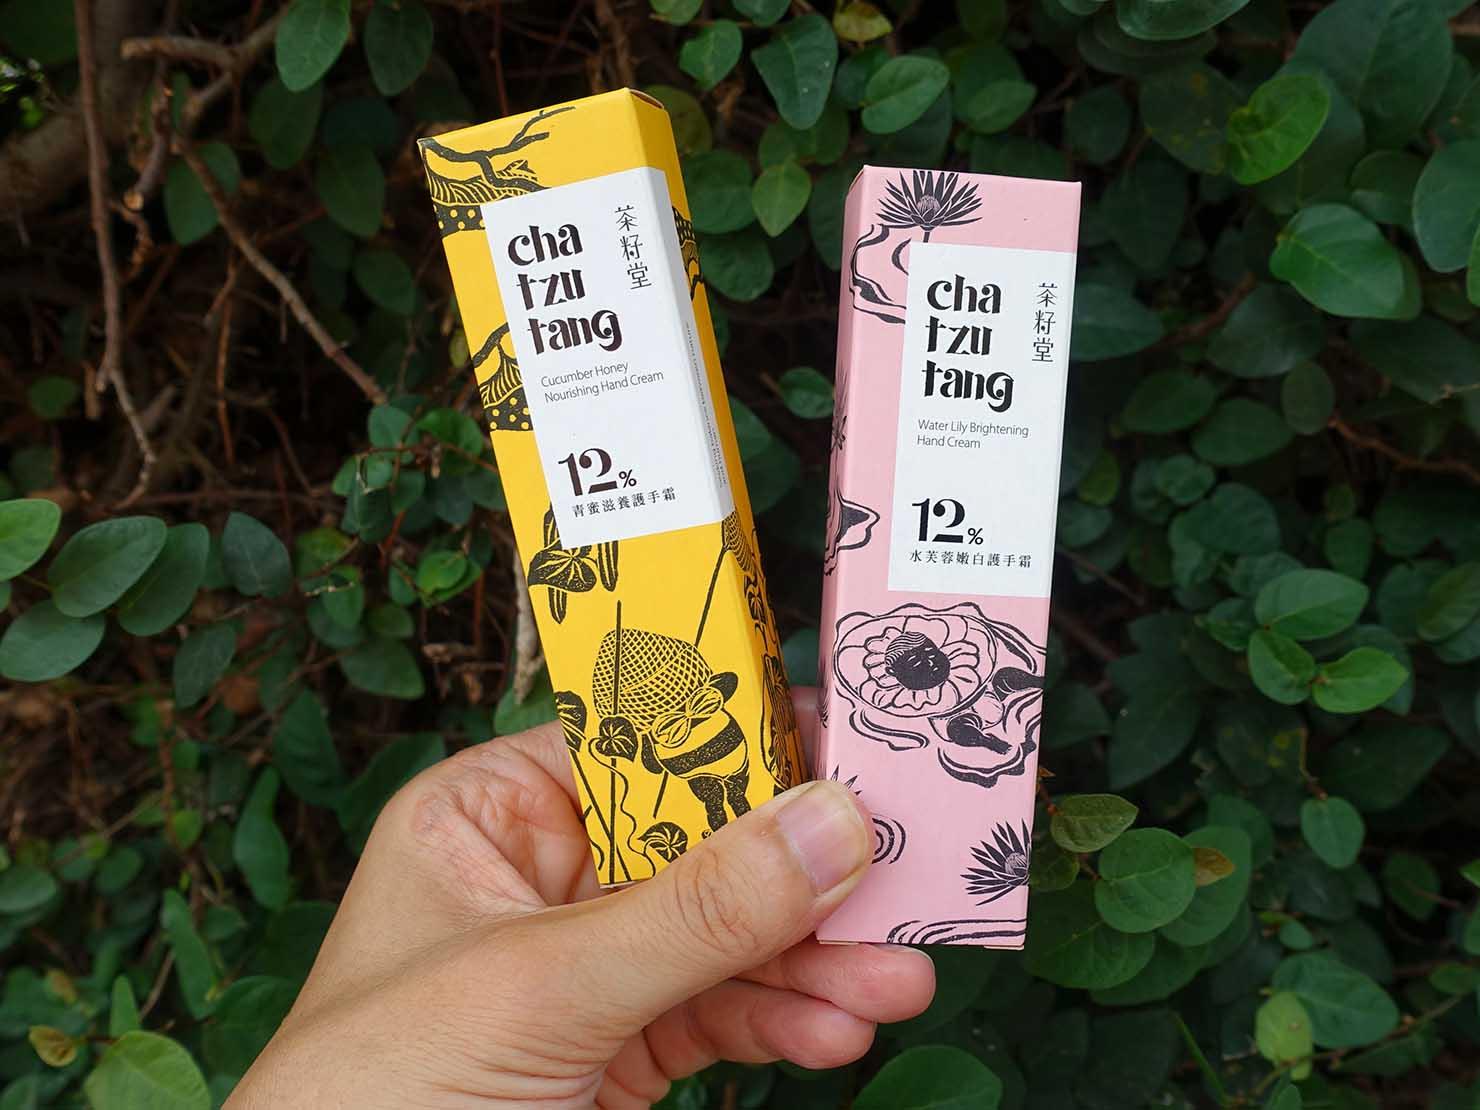 台北101エリアでのおみやげ探しにおすすめのショップ「好丘 Good Cho's」で買ったおみやげ・茶籽堂護手霜